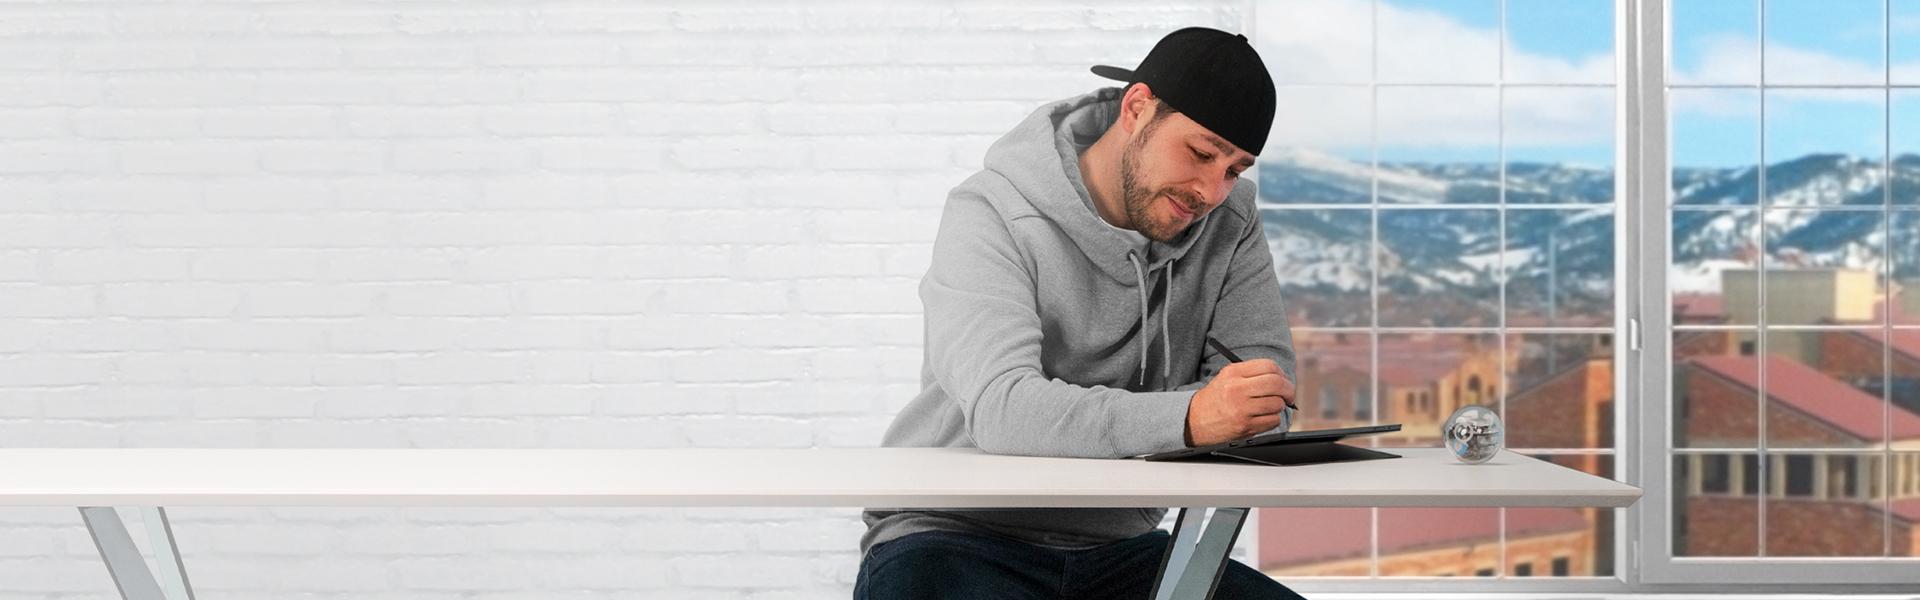 Egy asztalnál ülő férfi, aki mosolyogva dolgozik egy Surface laptopon.